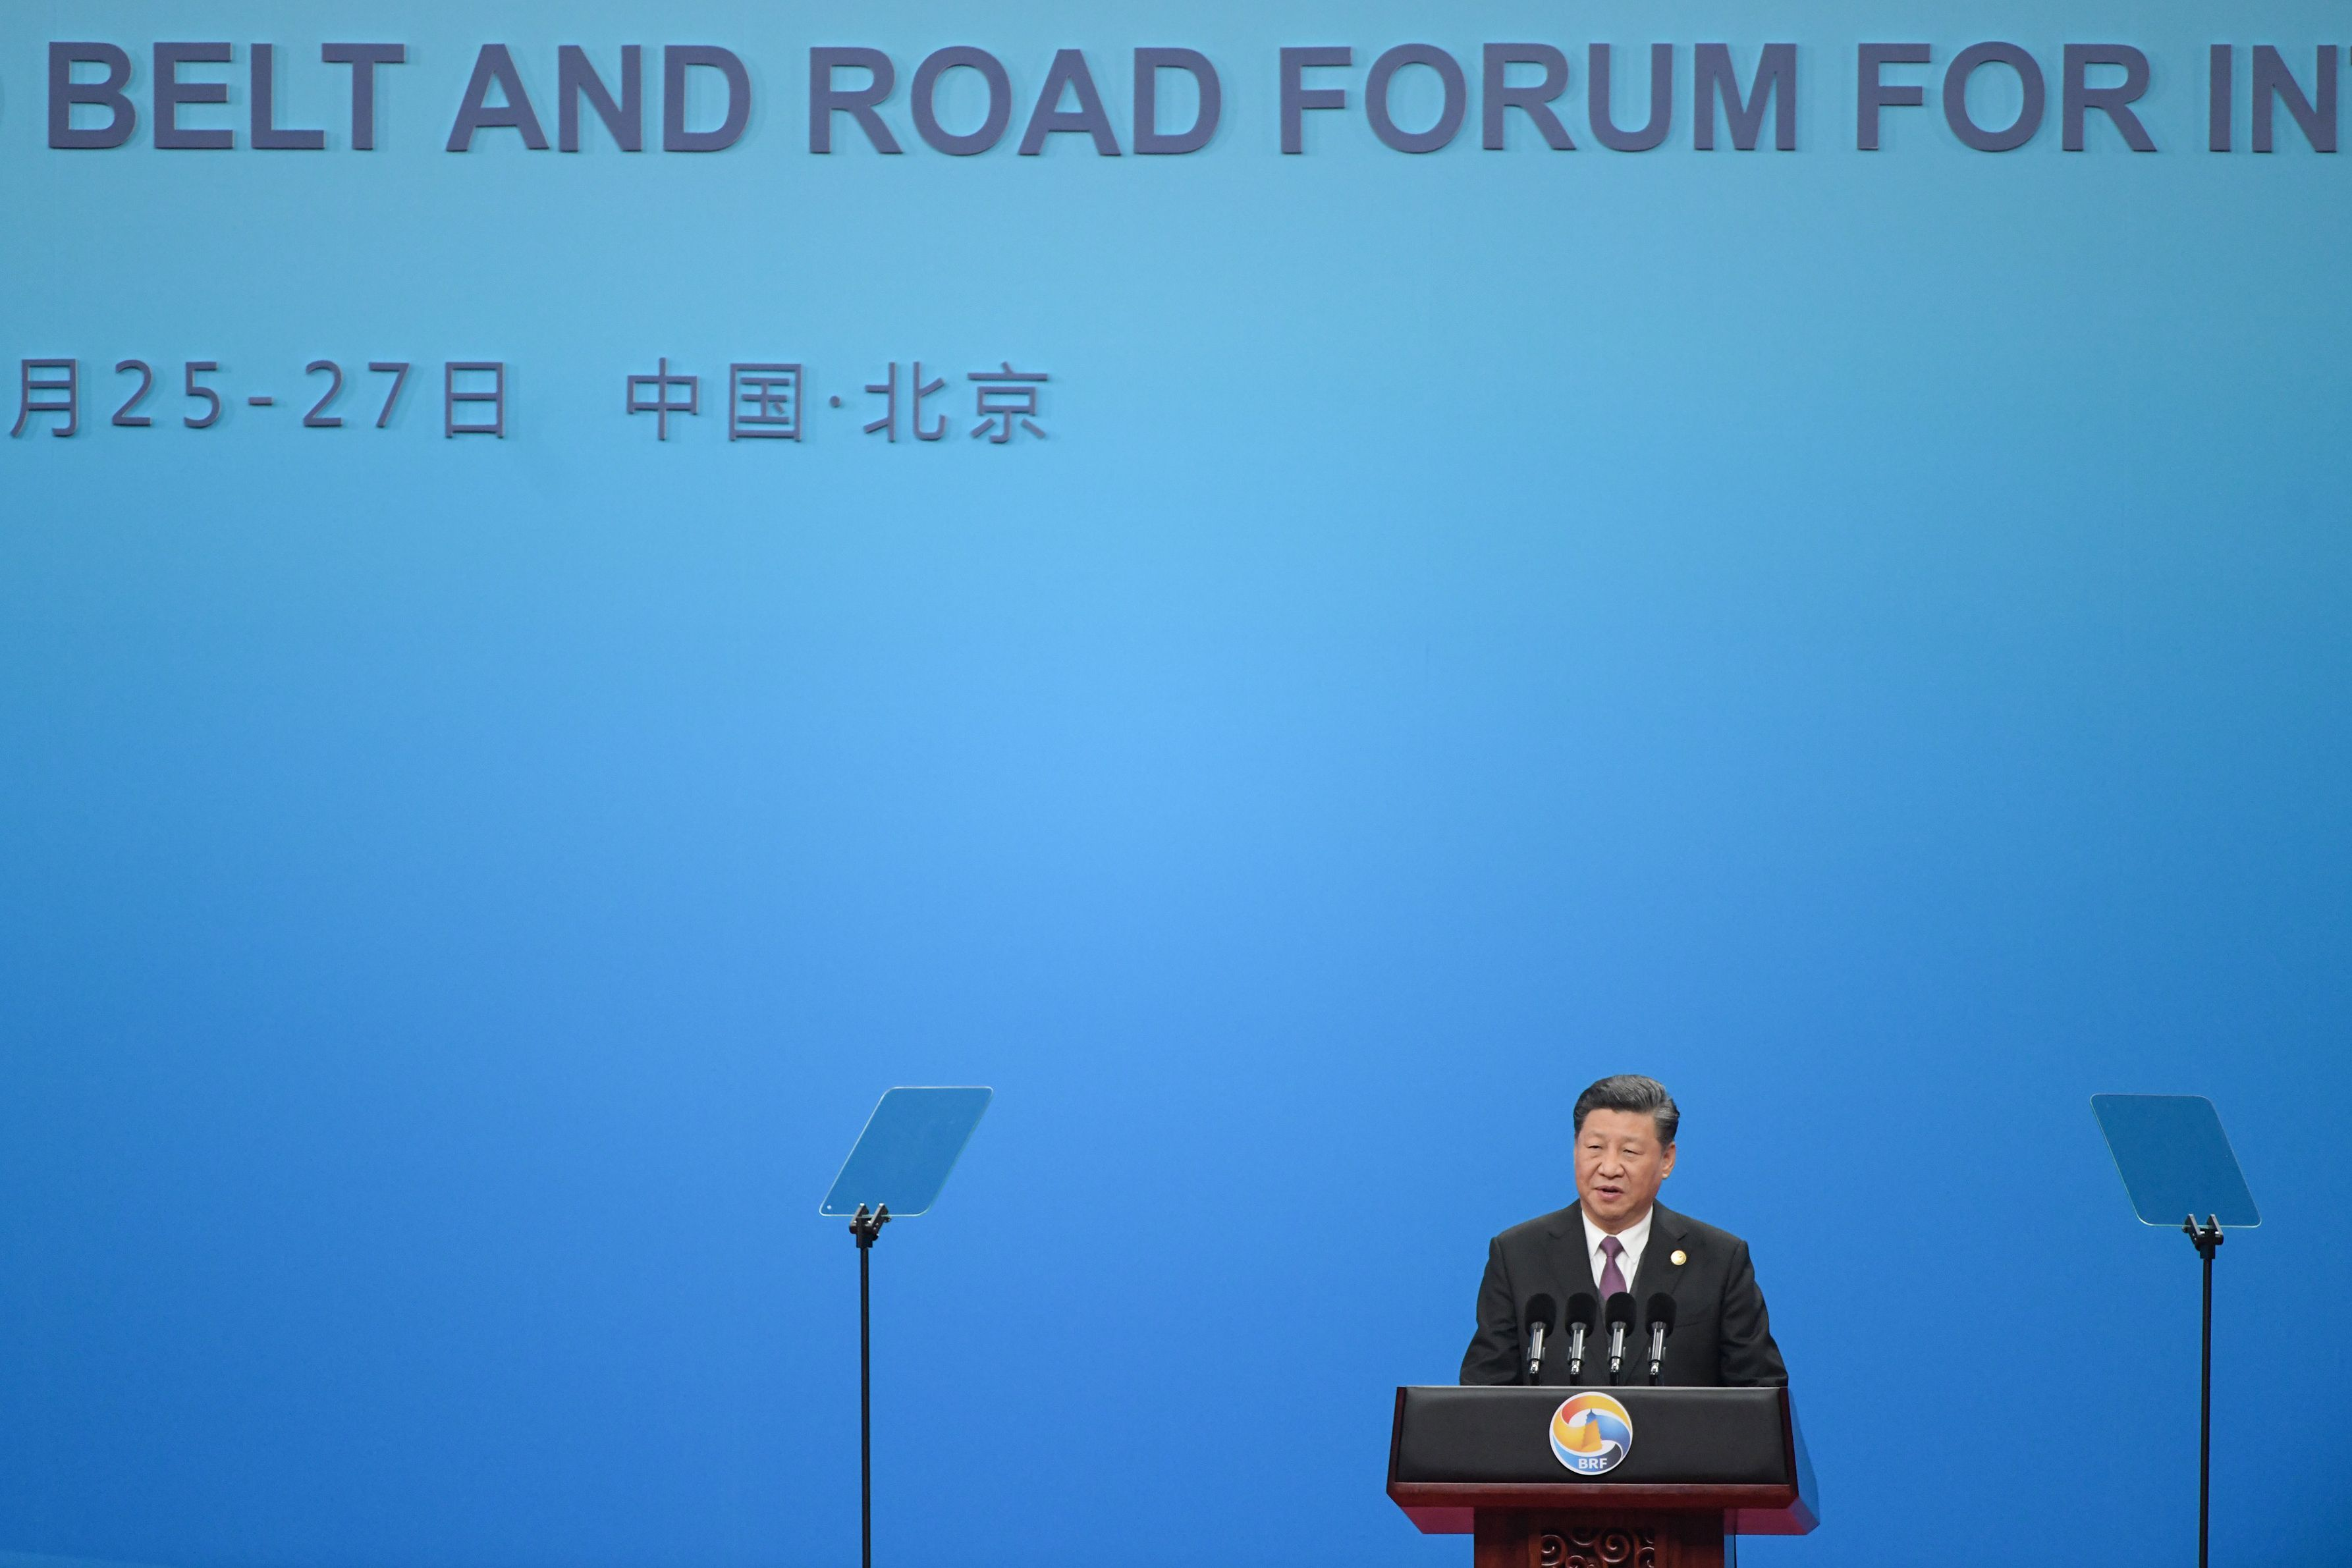 中国国家主席、「一帯一路」を擁護-腐敗許さずと表明 - Bloomberg